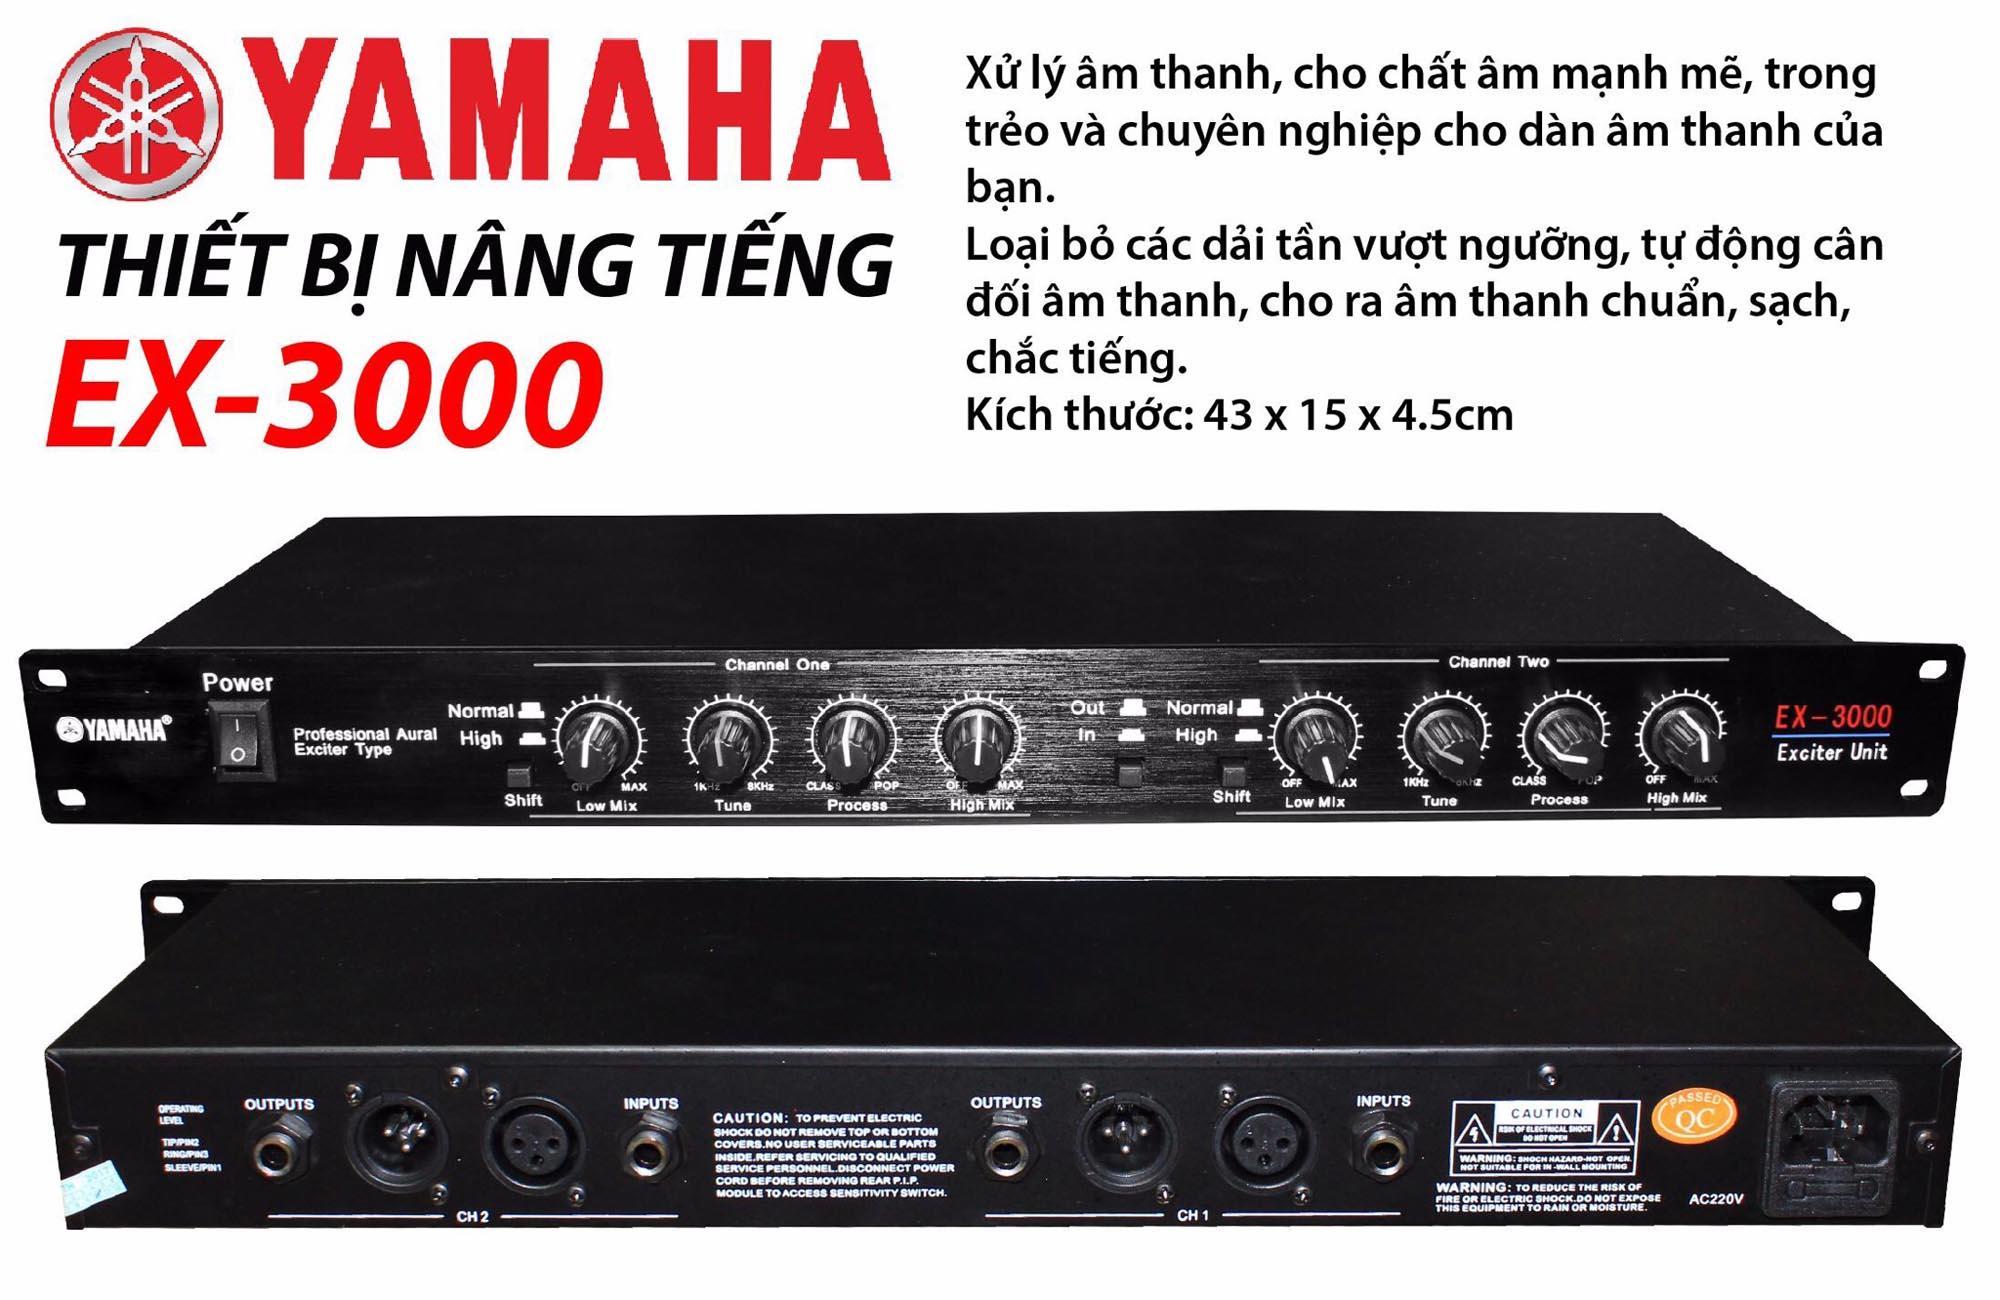 Cửa Hàng May Nang Tiếng Yamaha Ex 3000 Trong Hồ Chí Minh